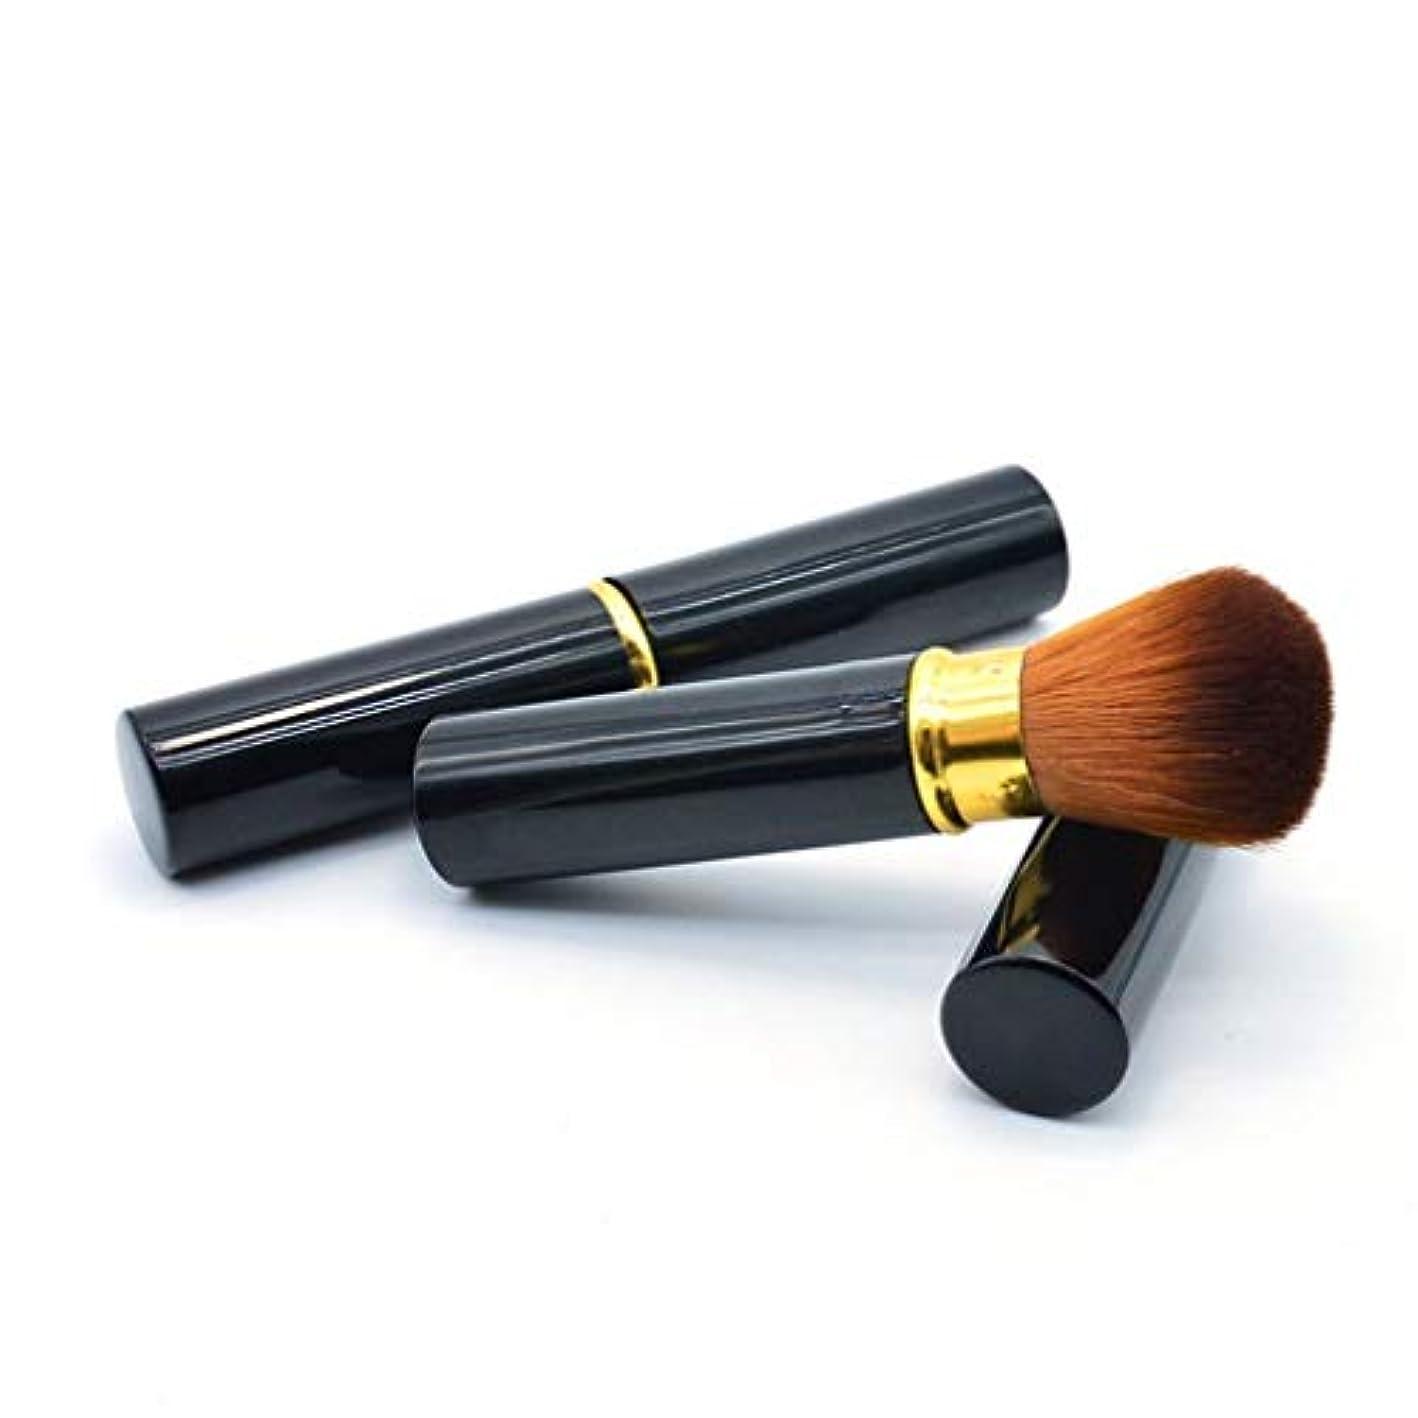 アクセル最悪ペチコートメイクアップブラシファンデーションメイクアップリキッド、クリーム、または完璧なパウダー化粧品 - バフ、点描、コンシーラー - 上質な合成稠密剛毛